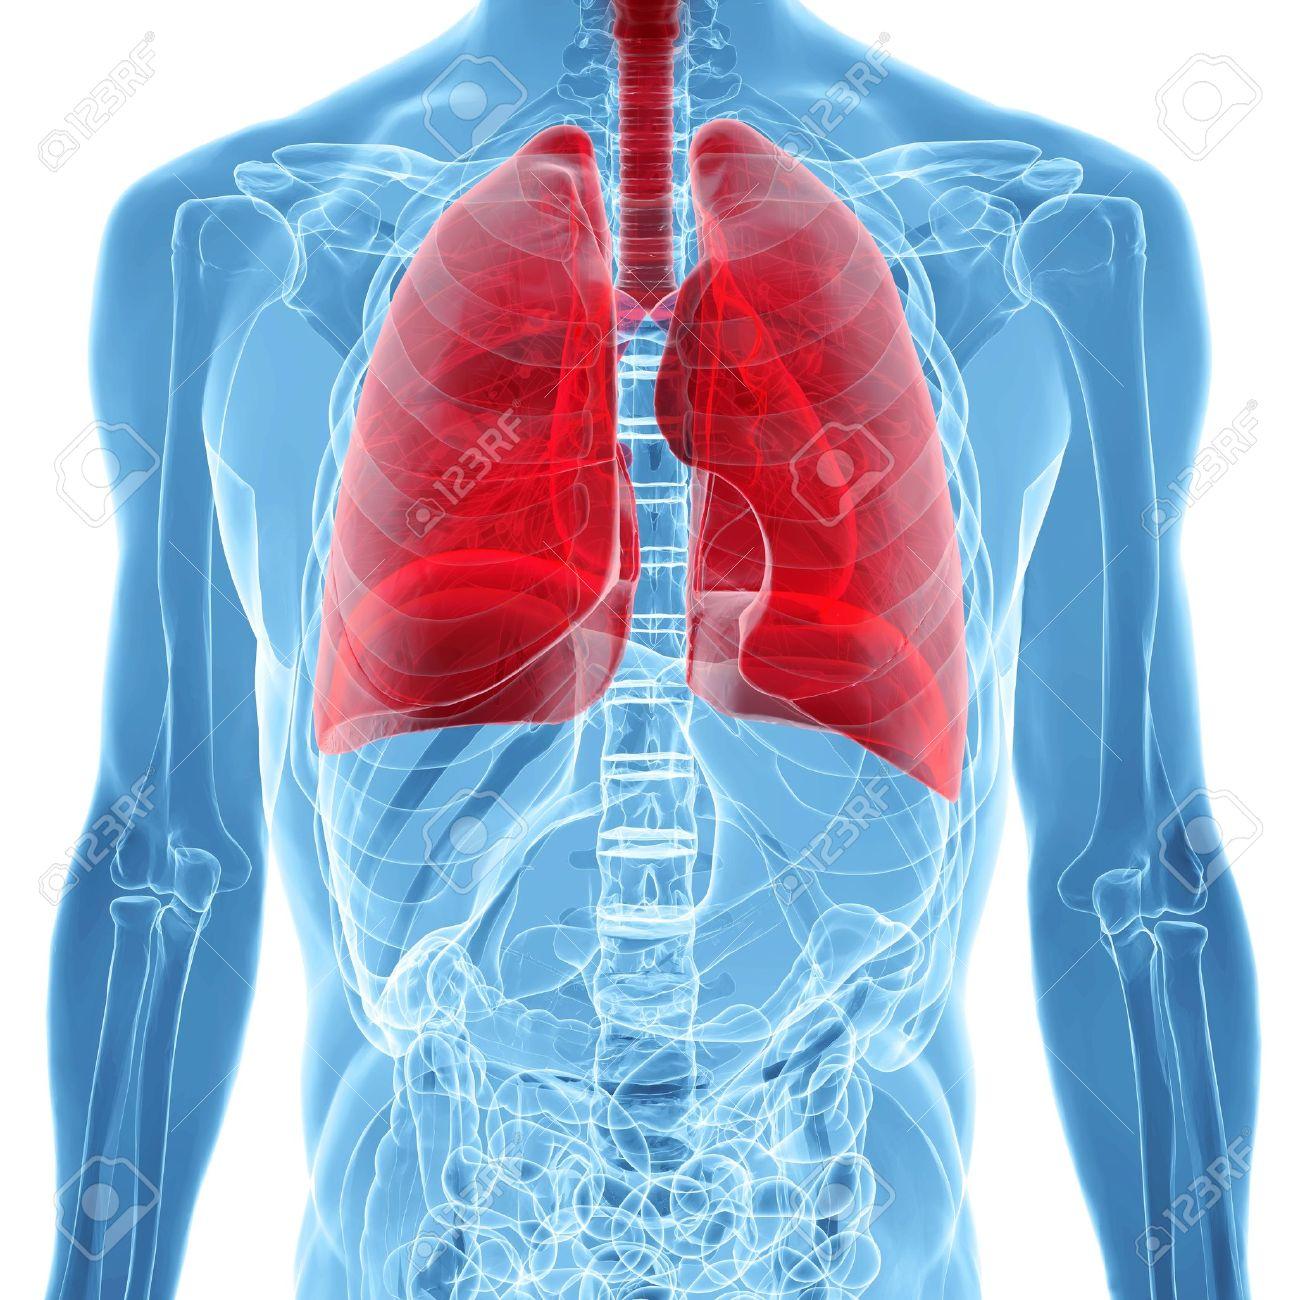 Anatomía De Los Pulmones Humanos En Vista De Rayos X Fotos, Retratos ...